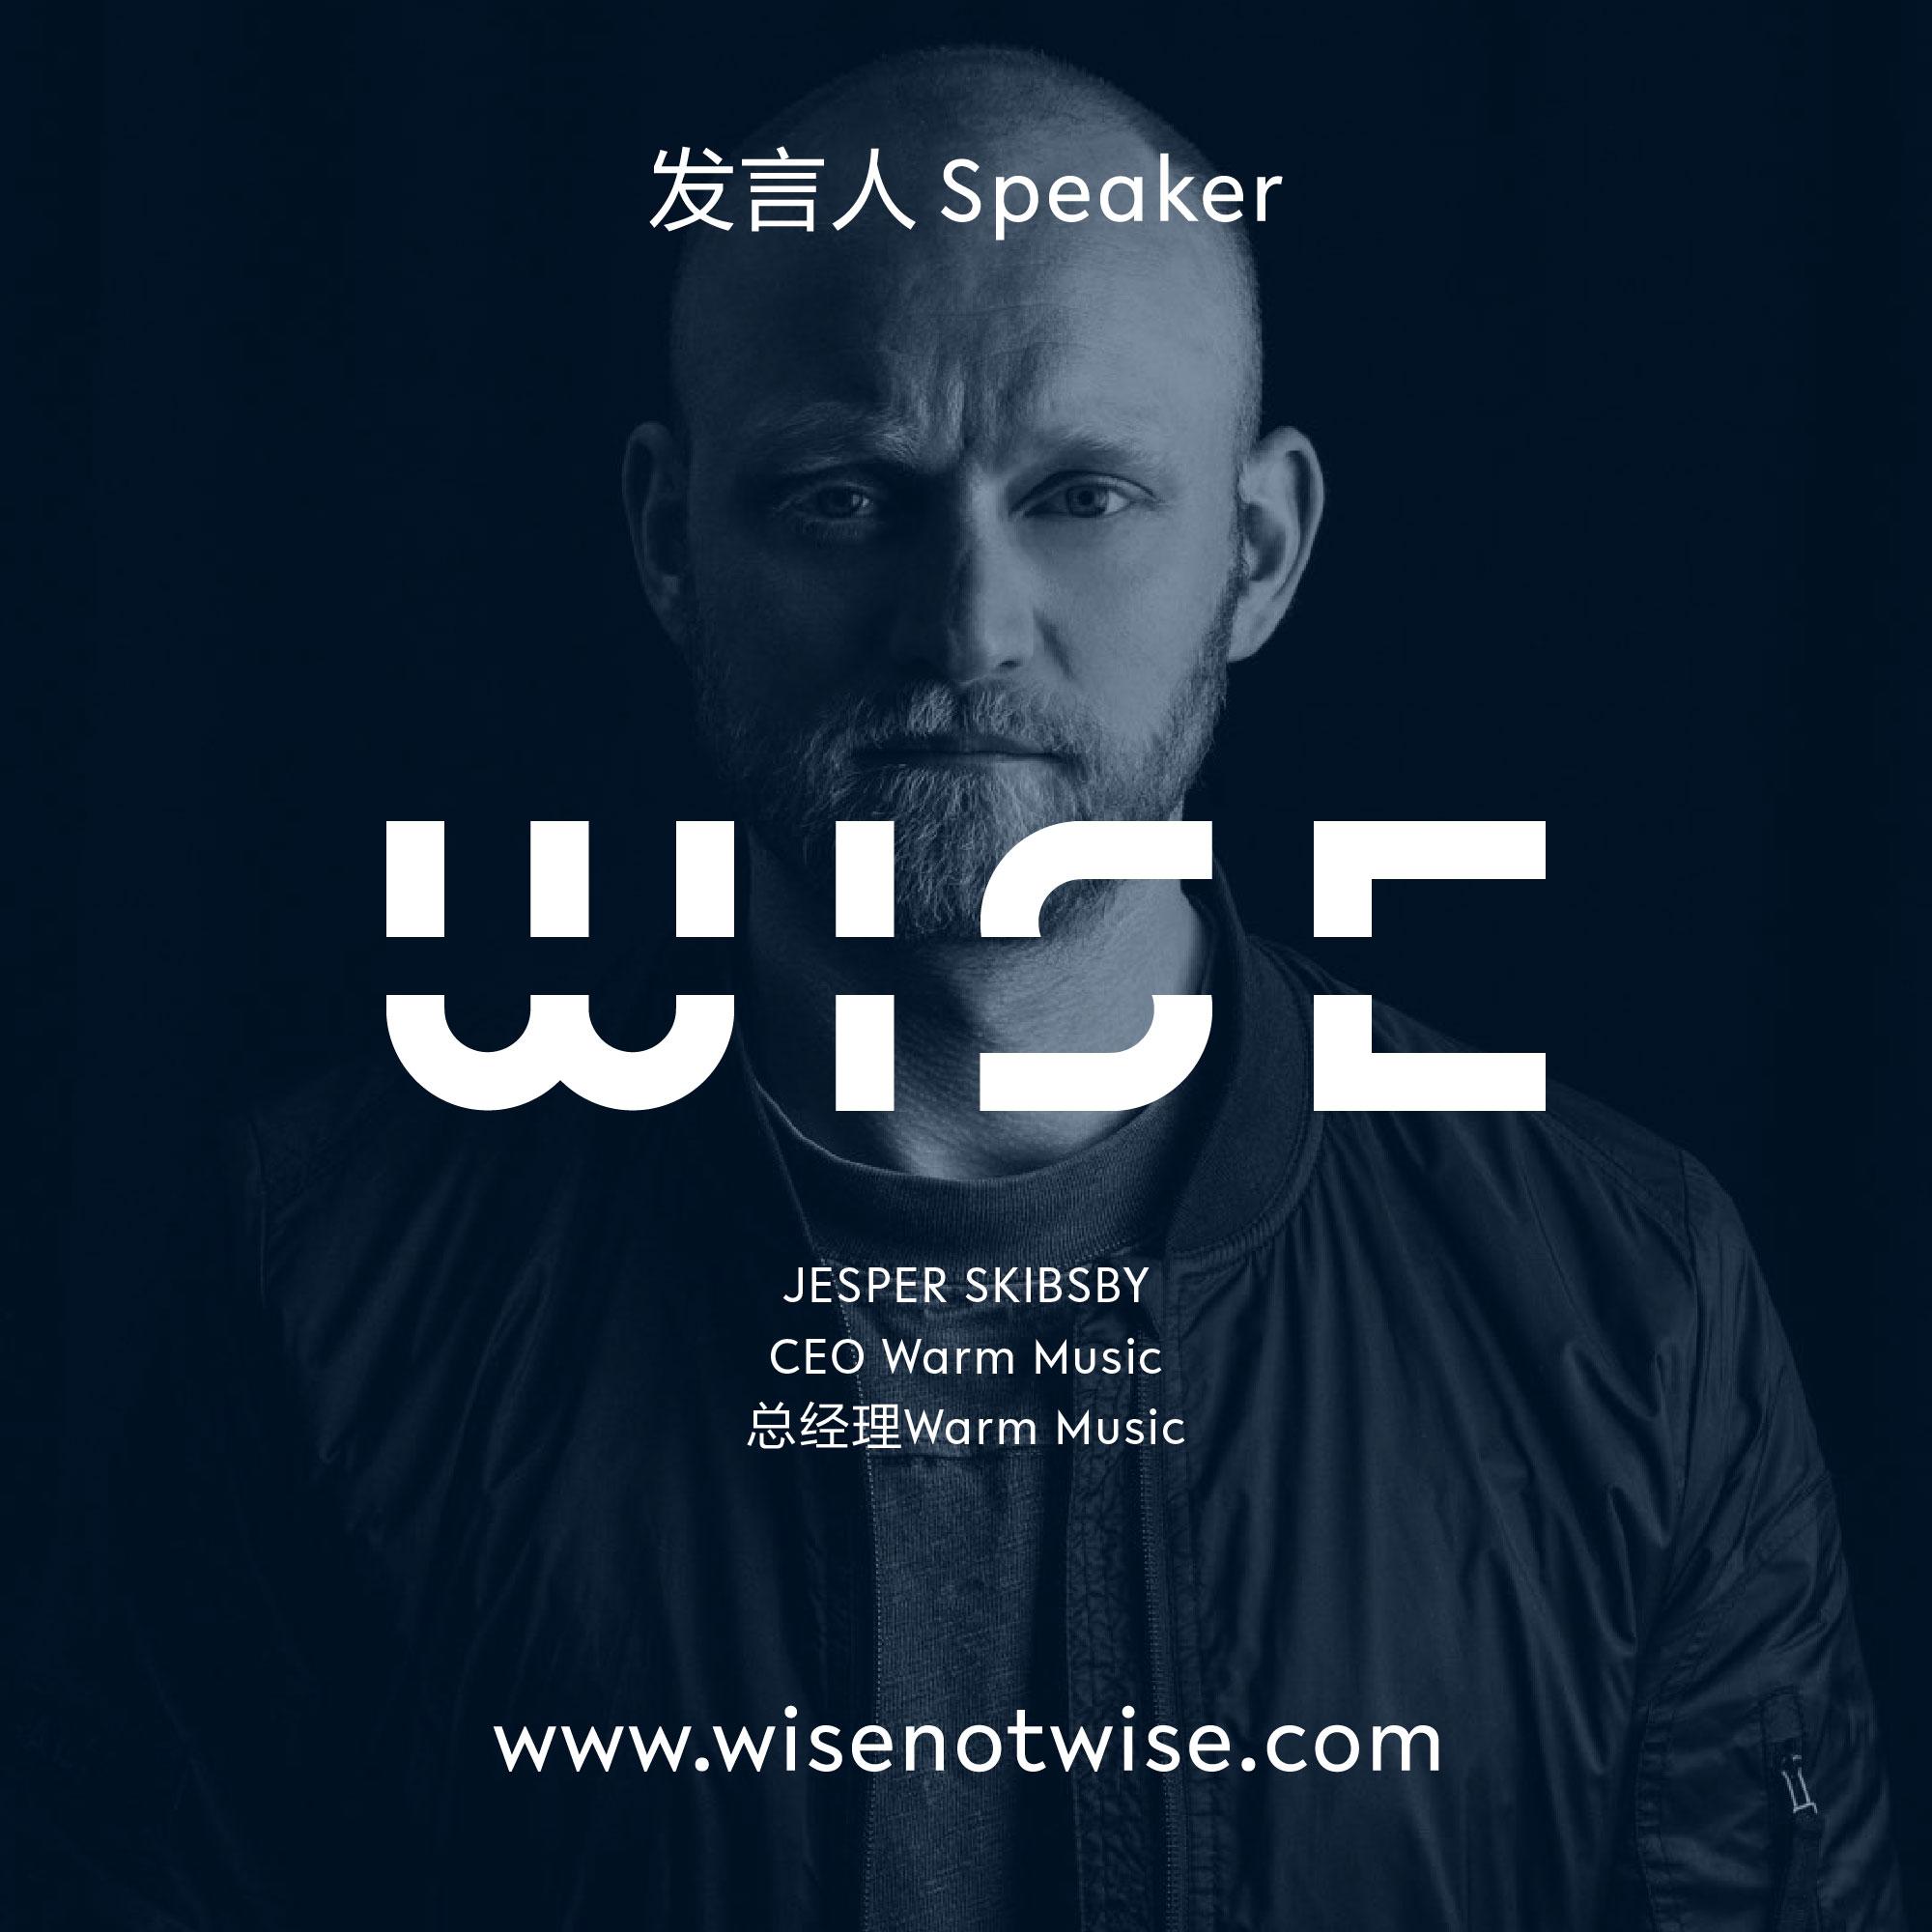 Jesper Skibsby (CEO of Warm Music)